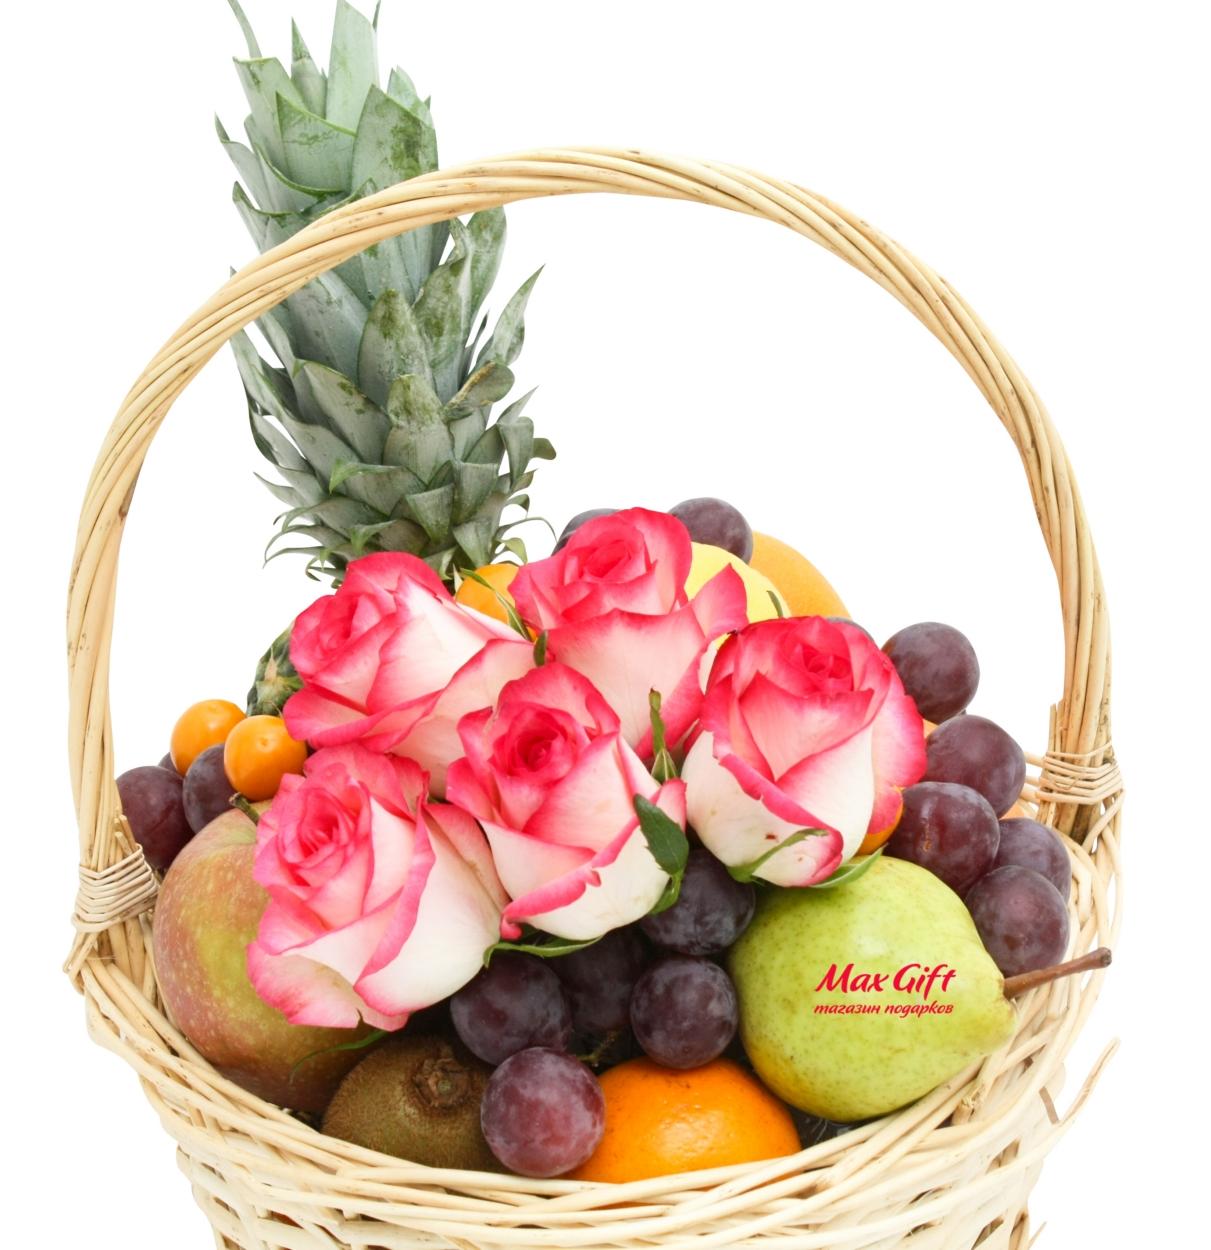 Харьков букет в корзине с фруктами, магазины цветов тюмень